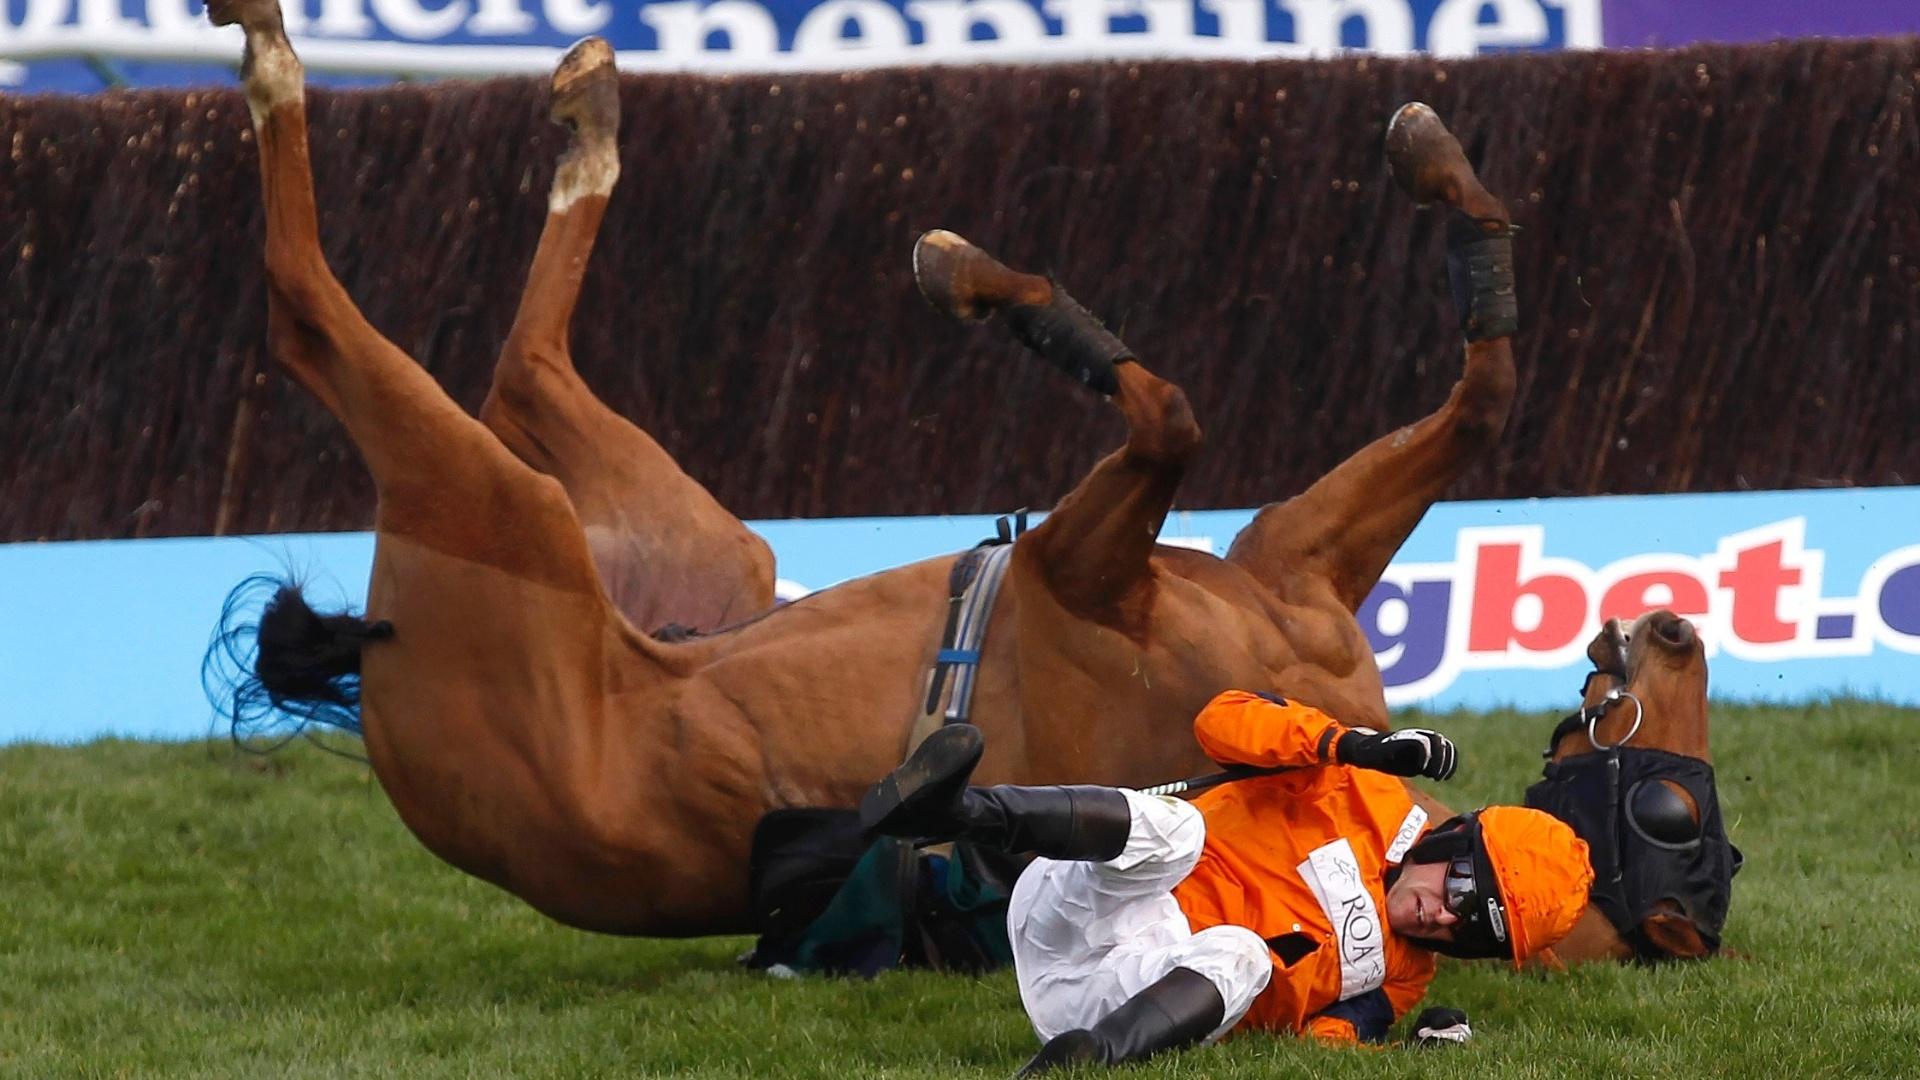 Competidor sofre queda durante corrida no festival de Cheltenham, no Reino Unido